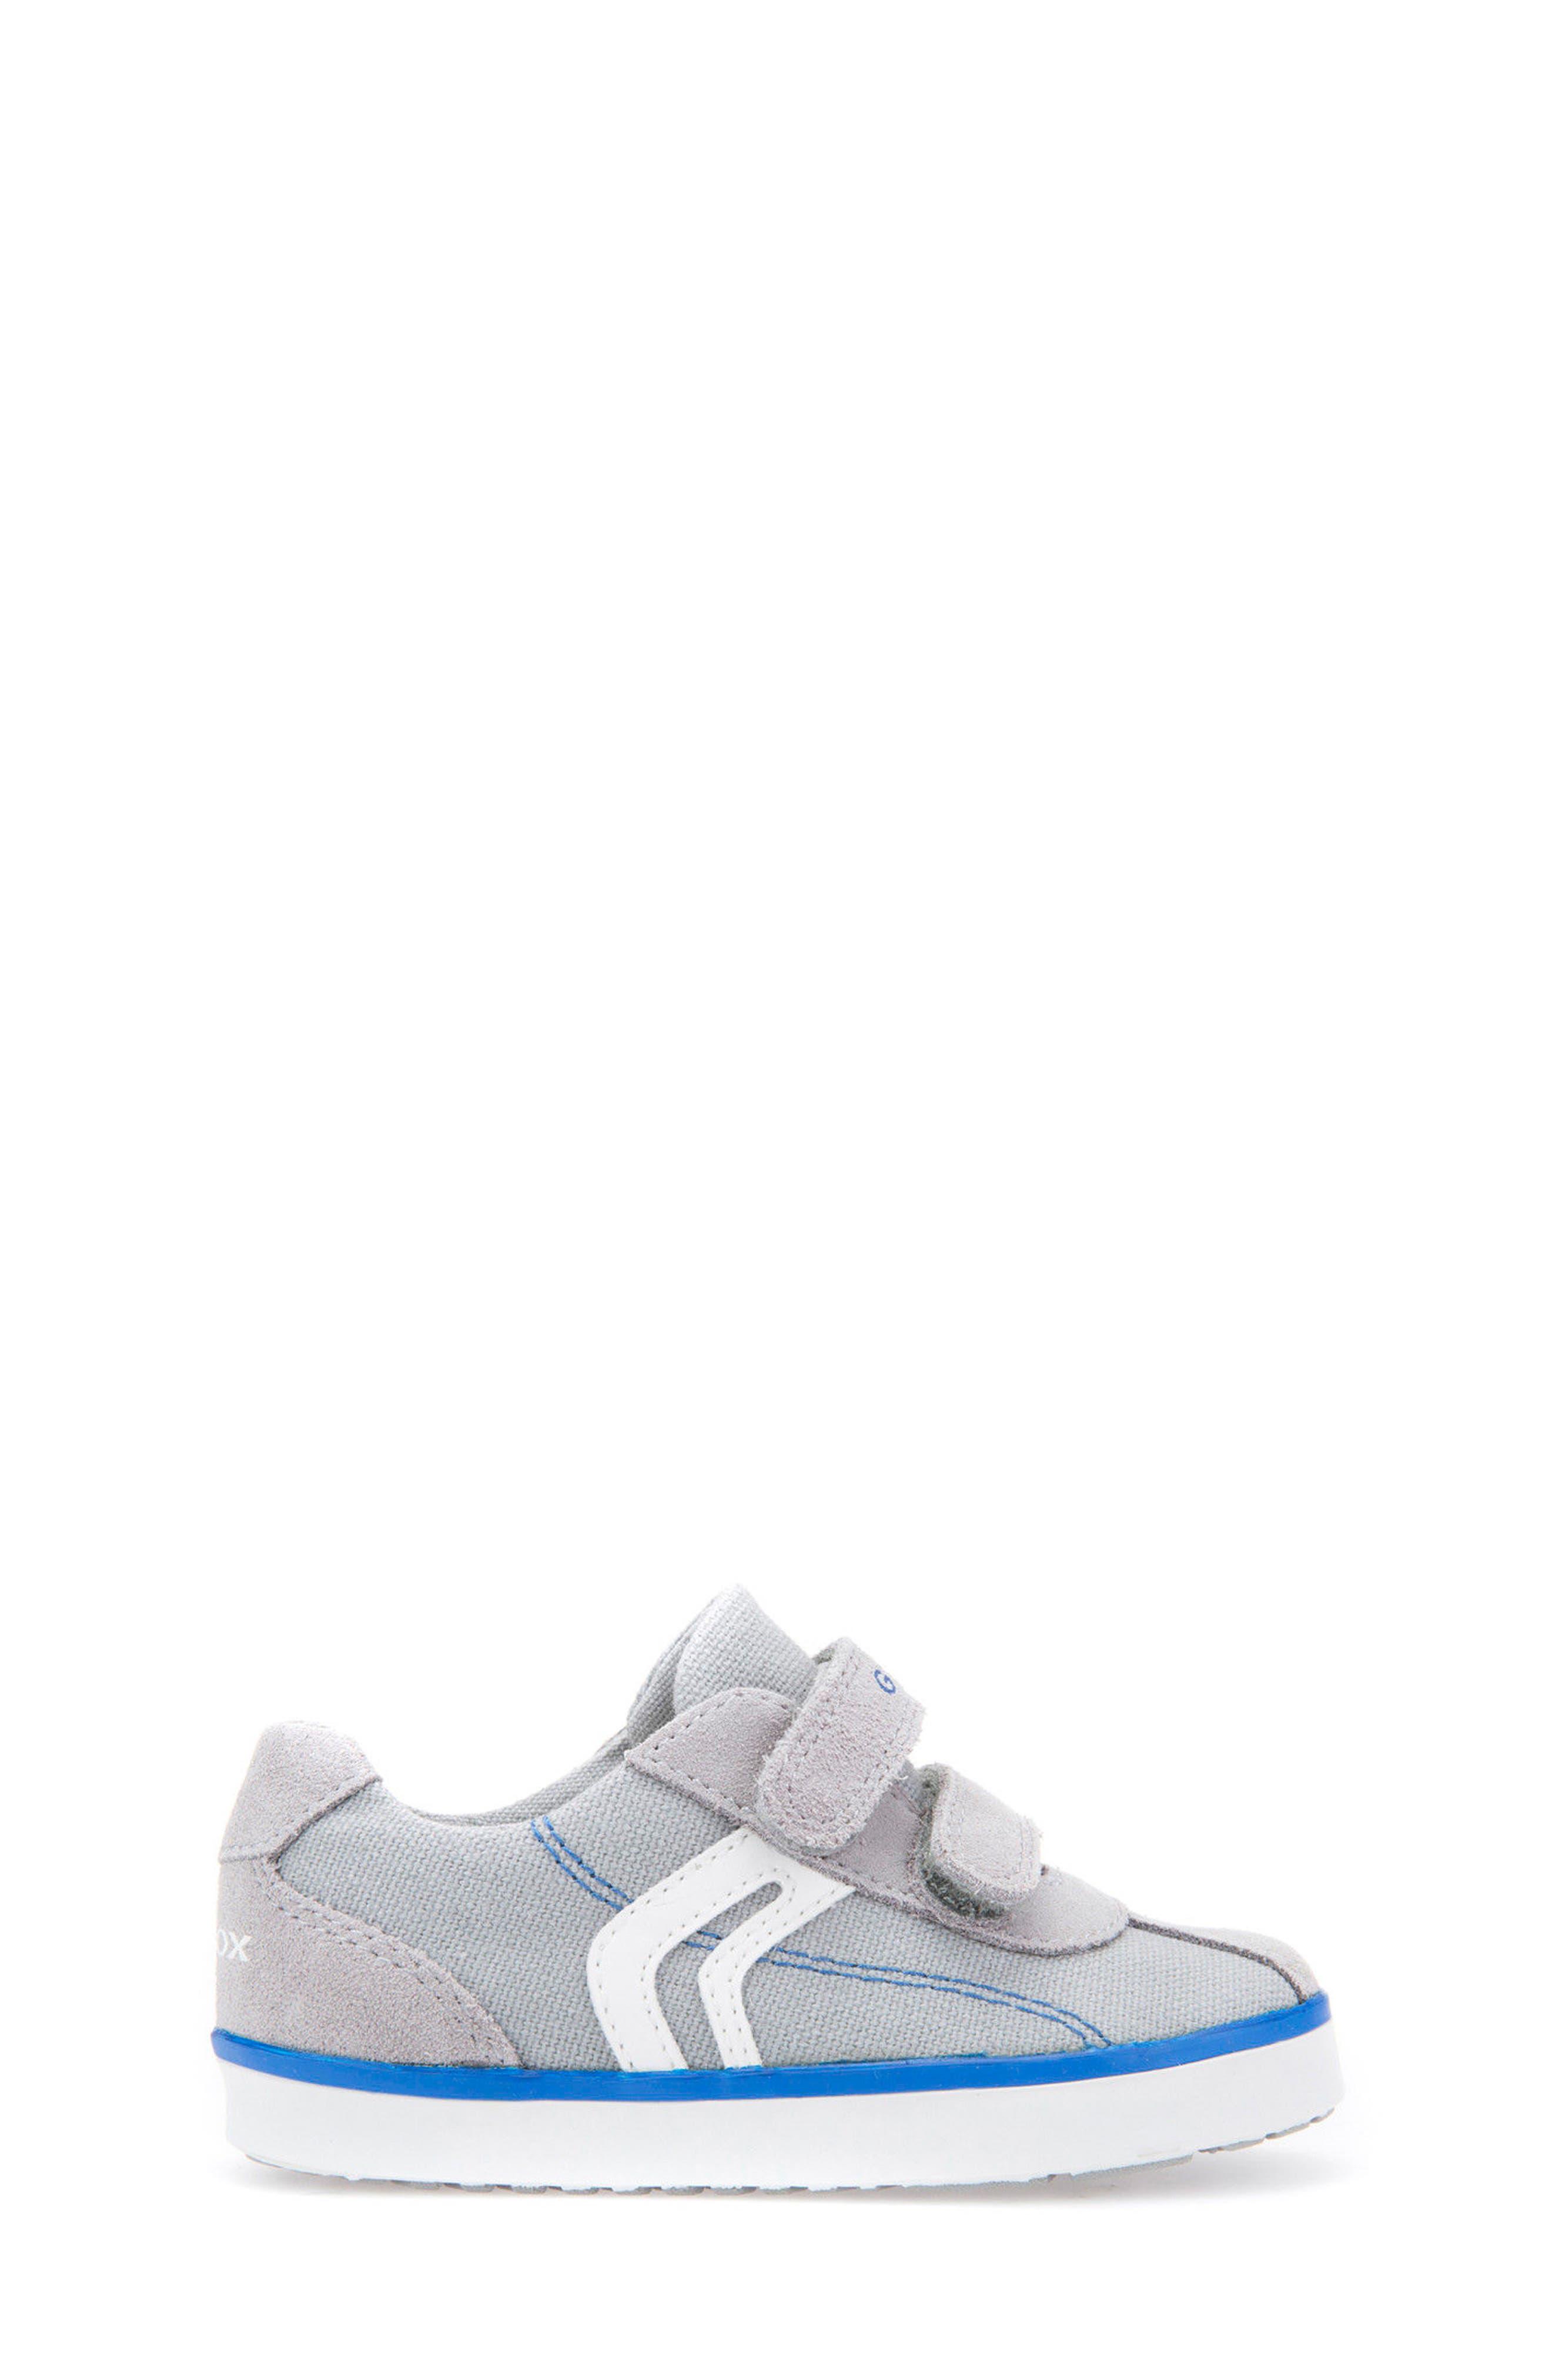 Kilwi Low Top Sneaker,                             Alternate thumbnail 3, color,                             Grey